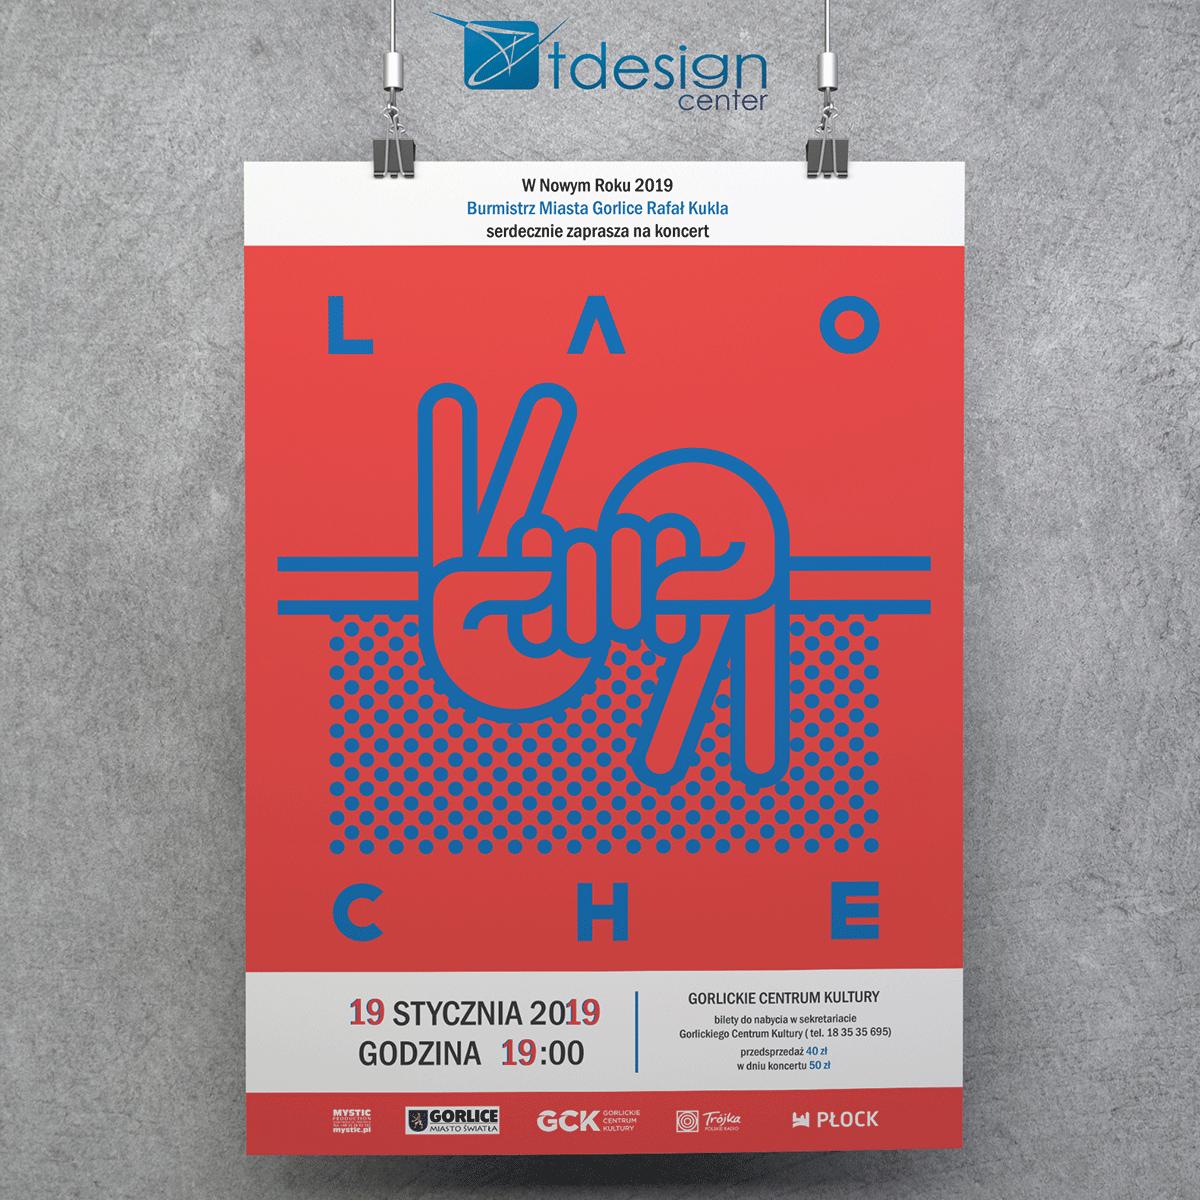 Plakat A2, druk zrealizowany dla Gorlickiego Centrum Kultury